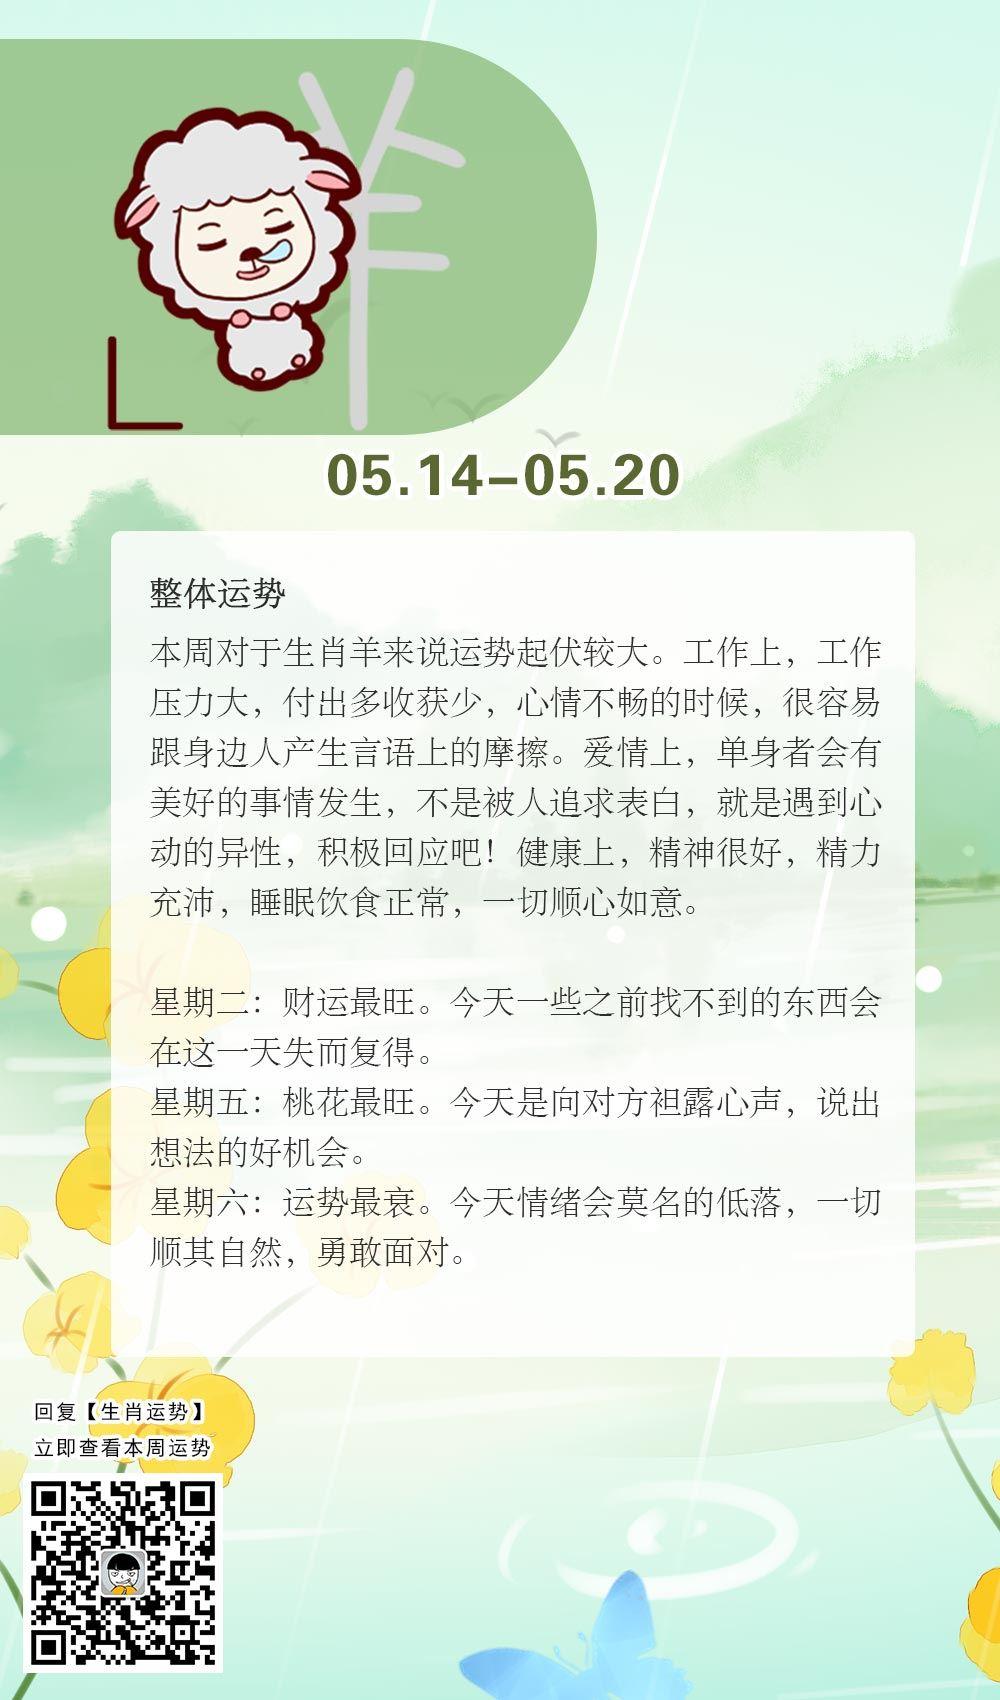 生肖羊本周运势【2018.05.14-05.20】